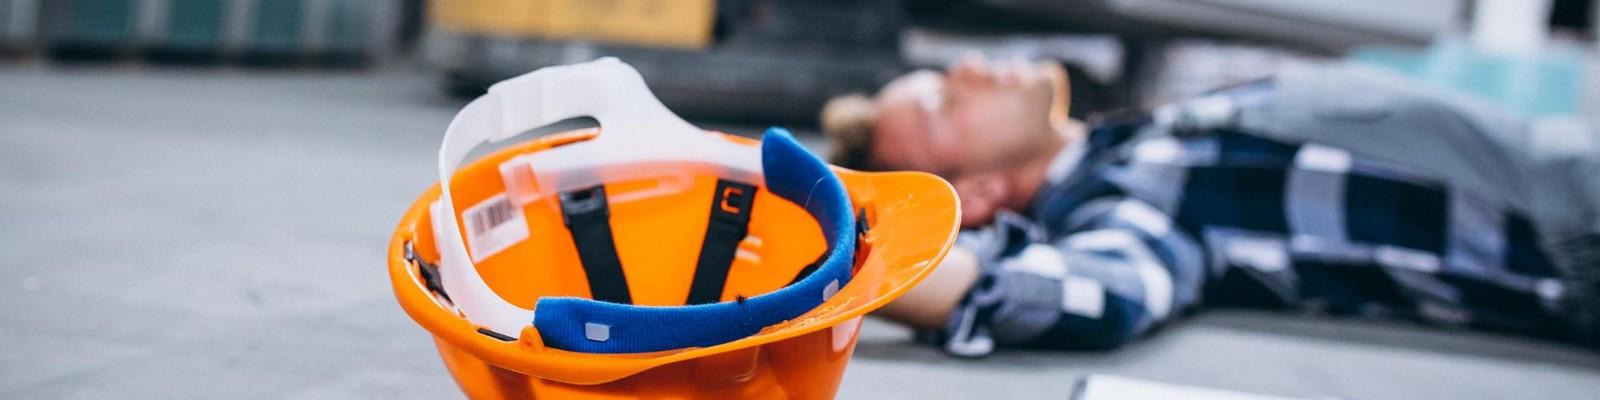 {:uk}Особисте страхування працівників від нещасних випадків{:}{:ru}Страхование работников от несчастных случаев{:}